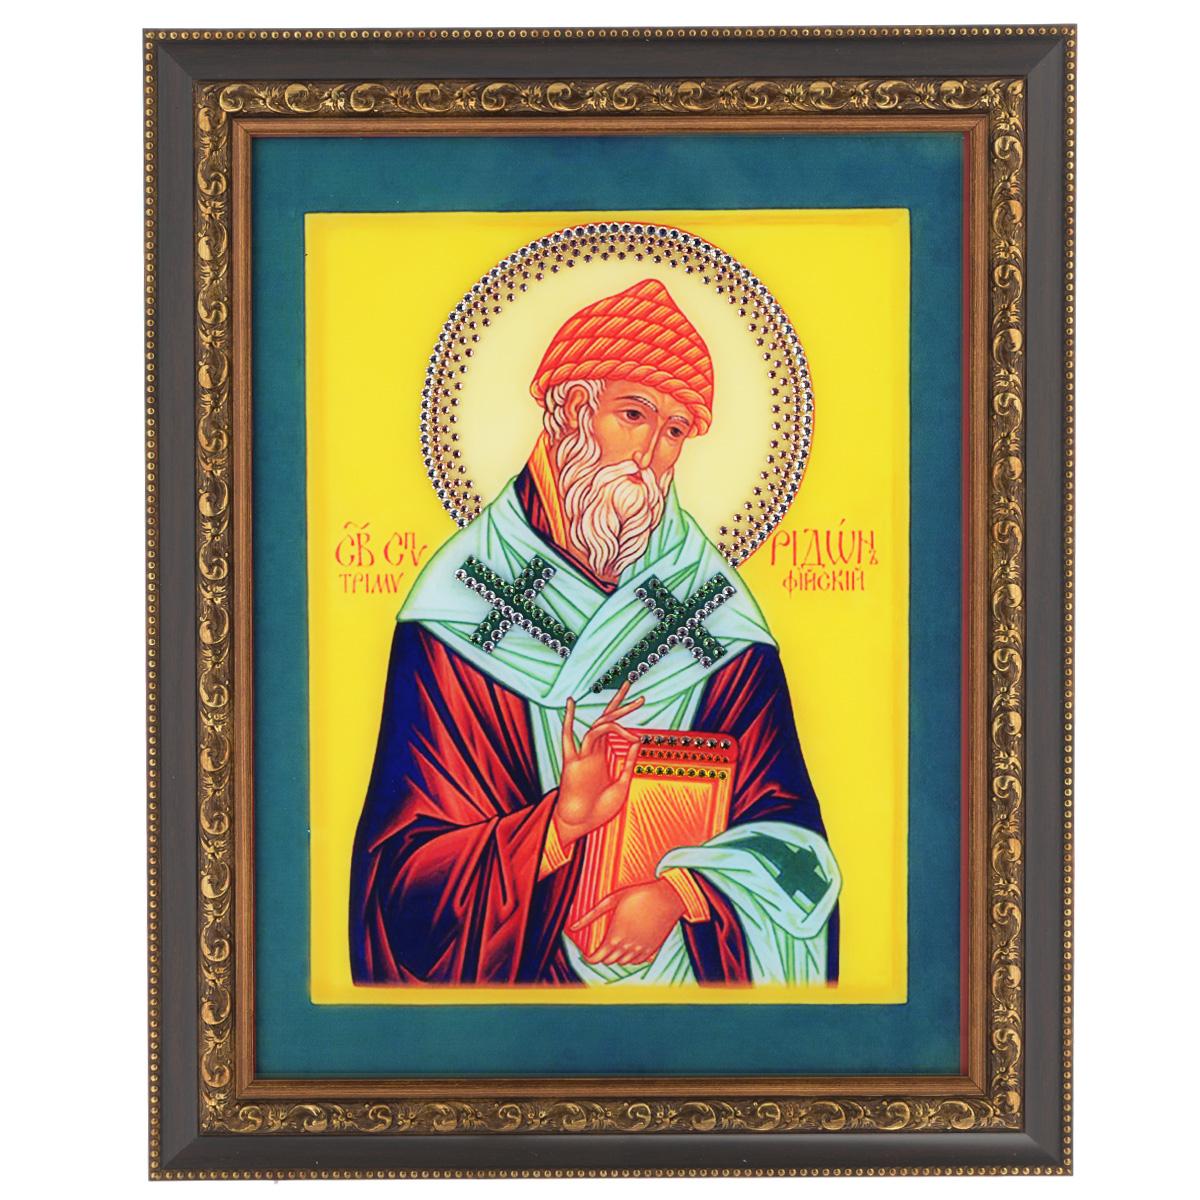 Картина с кристаллами Swarovski Икона. Святитель Спиридон Тримифудский, 37,5 см х 47,5 см1-602Изящная картина в багетной раме, инкрустирована кристаллами Swarovski, которые отличаются четкой и ровной огранкой, ярким блеском и чистотой цвета. Красочное изображение Иконы Святитель Спиридон Тримифудский, расположенное под стеклом, прекрасно дополняет блеск кристаллов. С обратной стороны имеется металлическая проволока для размещения картины на стене. Картина с кристаллами Swarovski Икона. Святитель Спиридон Тримифудский элегантно украсит интерьер дома или офиса, а также станет прекрасным подарком, который обязательно понравится получателю. Блеск кристаллов в интерьере, что может быть сказочнее и удивительнее. Картина упакована в подарочную картонную коробку синего цвета и комплектуется сертификатом соответствия Swarovski.